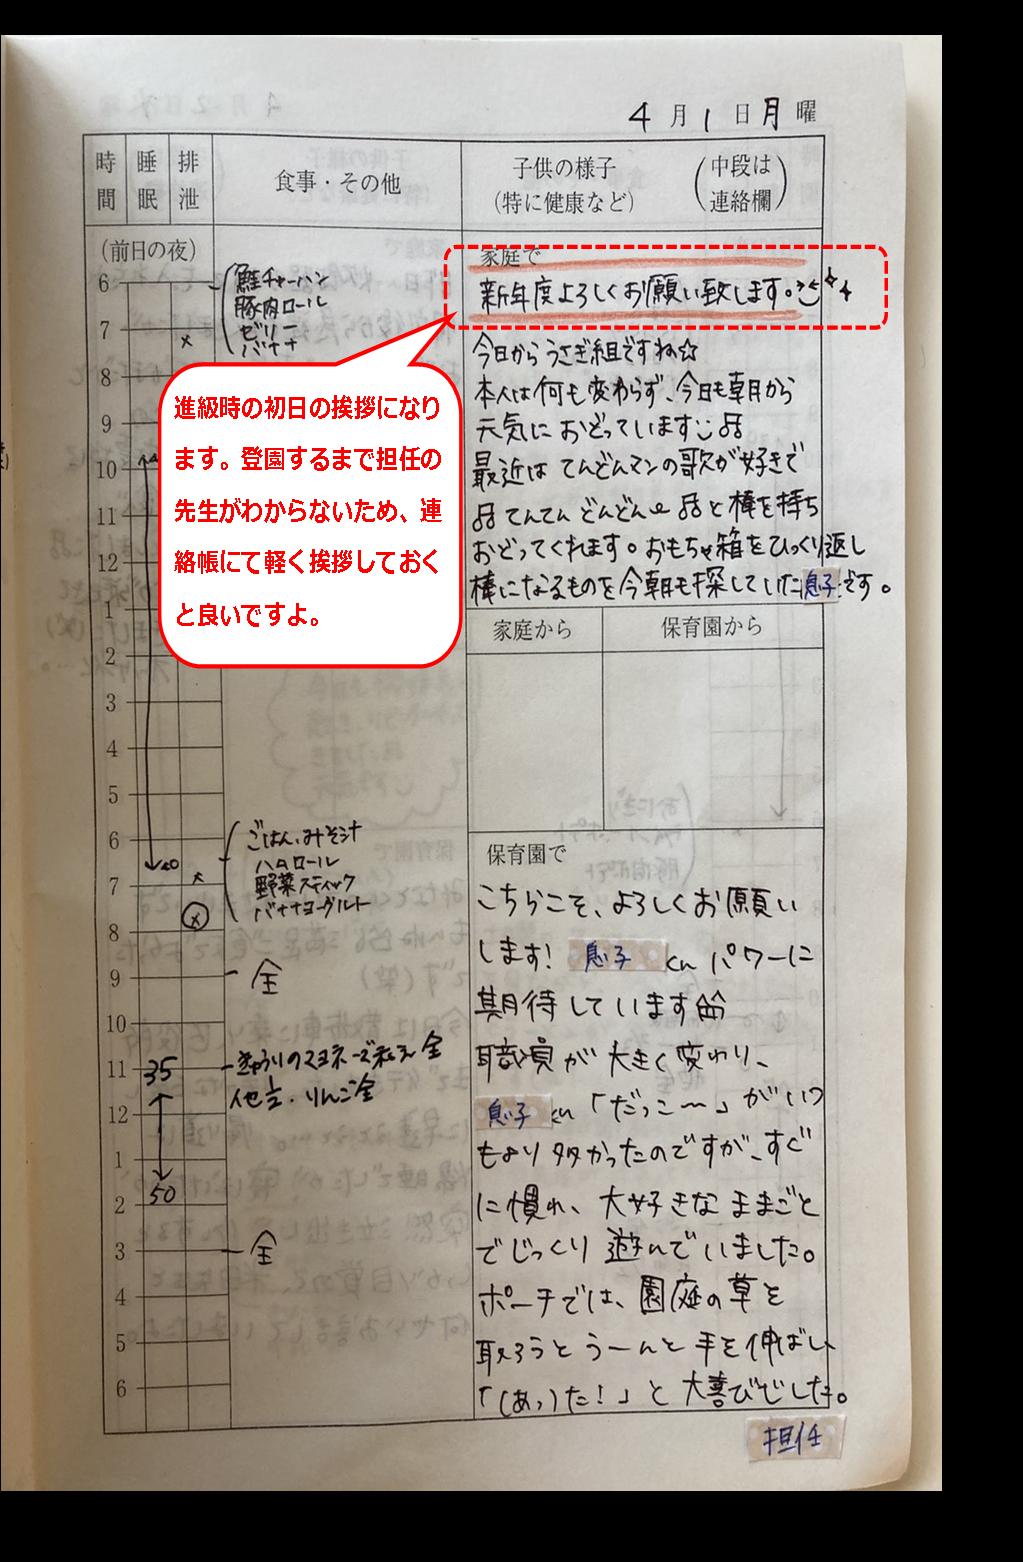 保育園の連絡帳の初日の実例